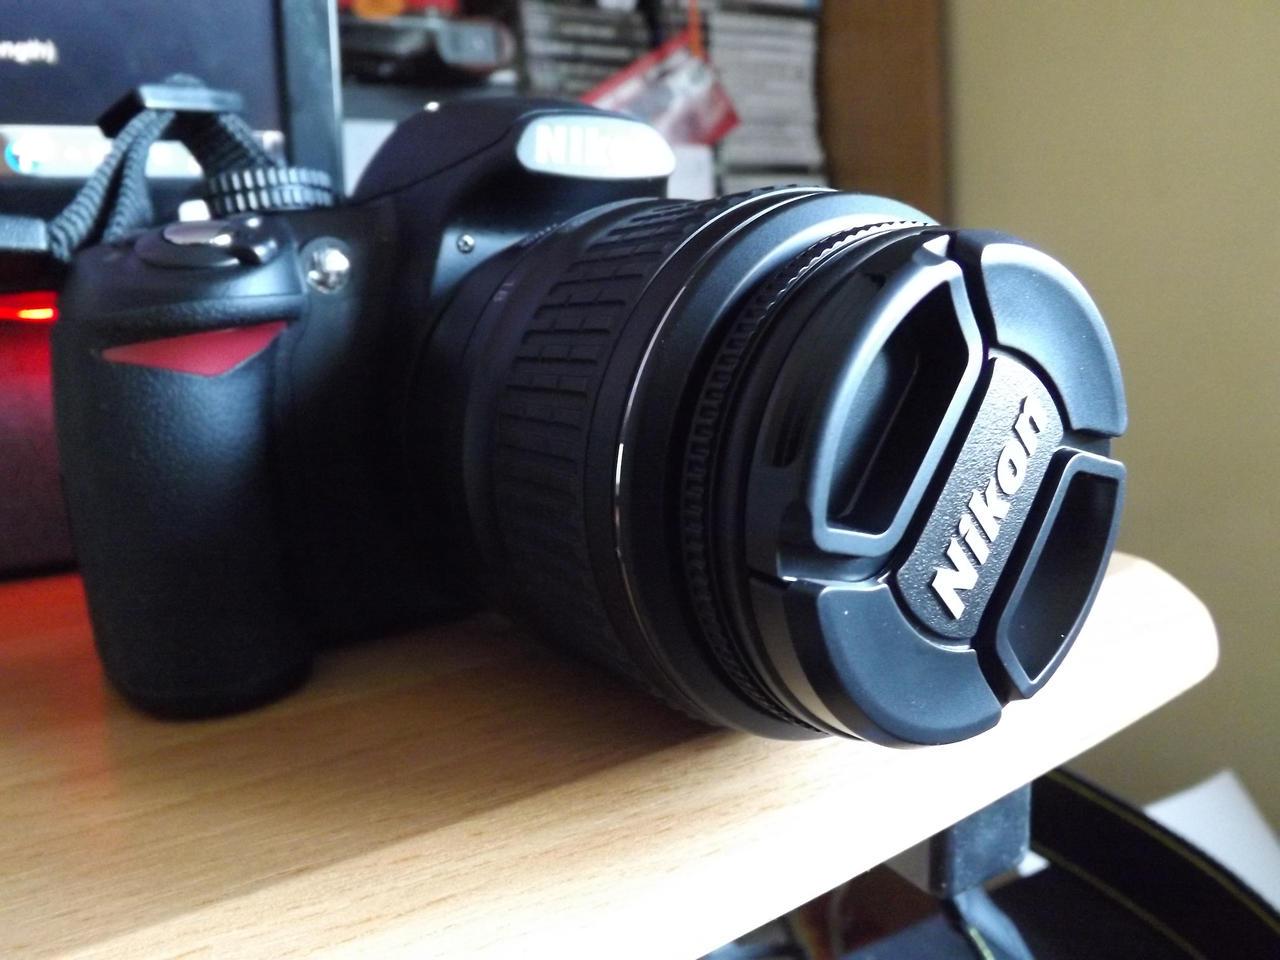 Camera My First Dslr Camera my first dslr camera by billym12345 on deviantart billym12345